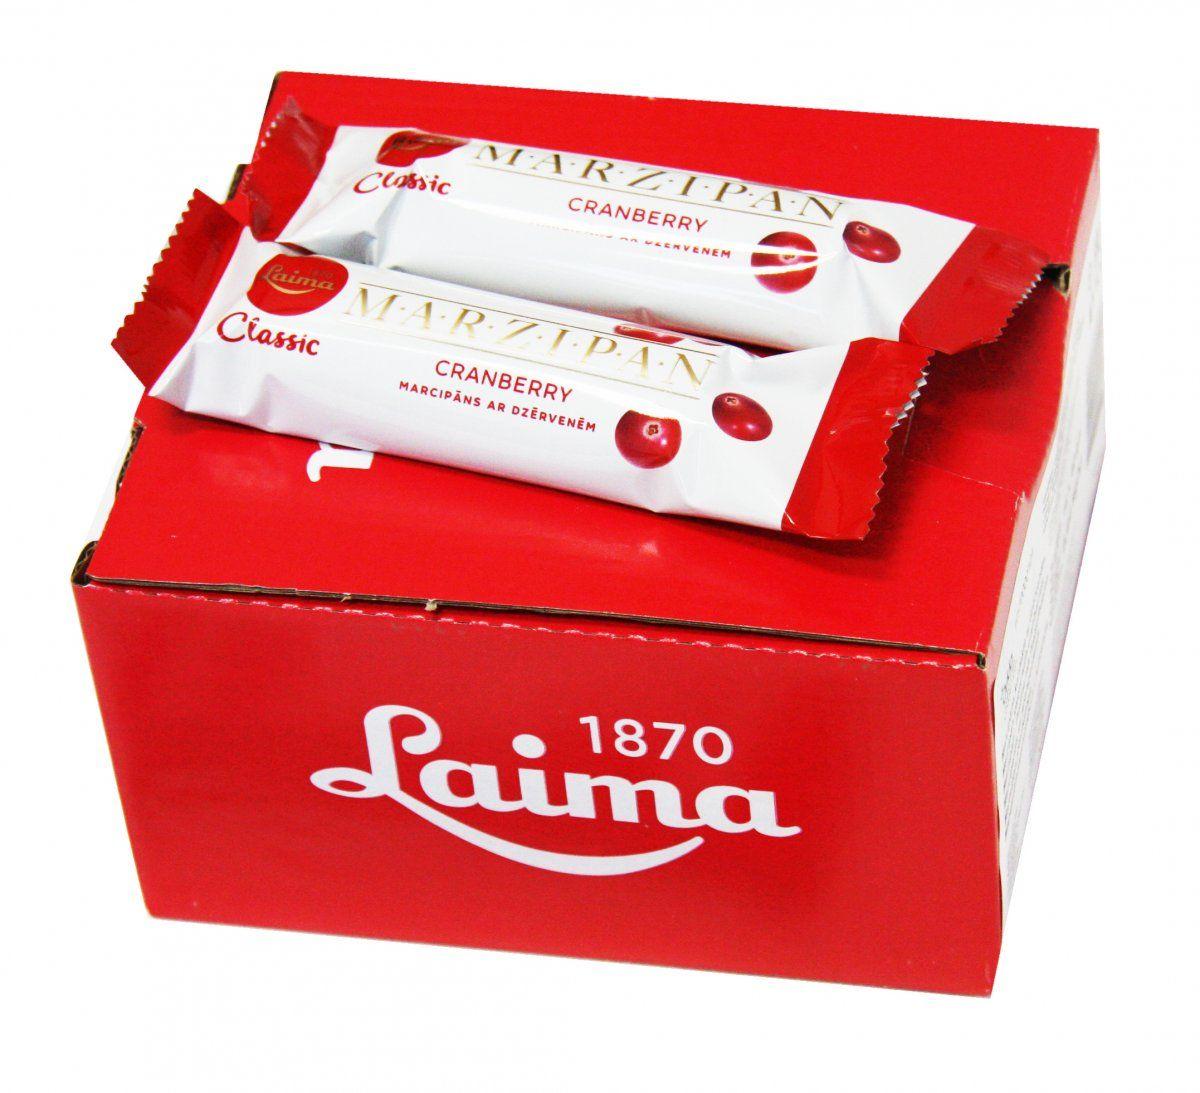 Laima Конфета марципановая с кусочками клюквы шоколадный батончик, 40 г4750001949995Марципановая конфета. Содержание миндаля по европейским стандартам. Только миндаль и клюква в темном шоколаде.